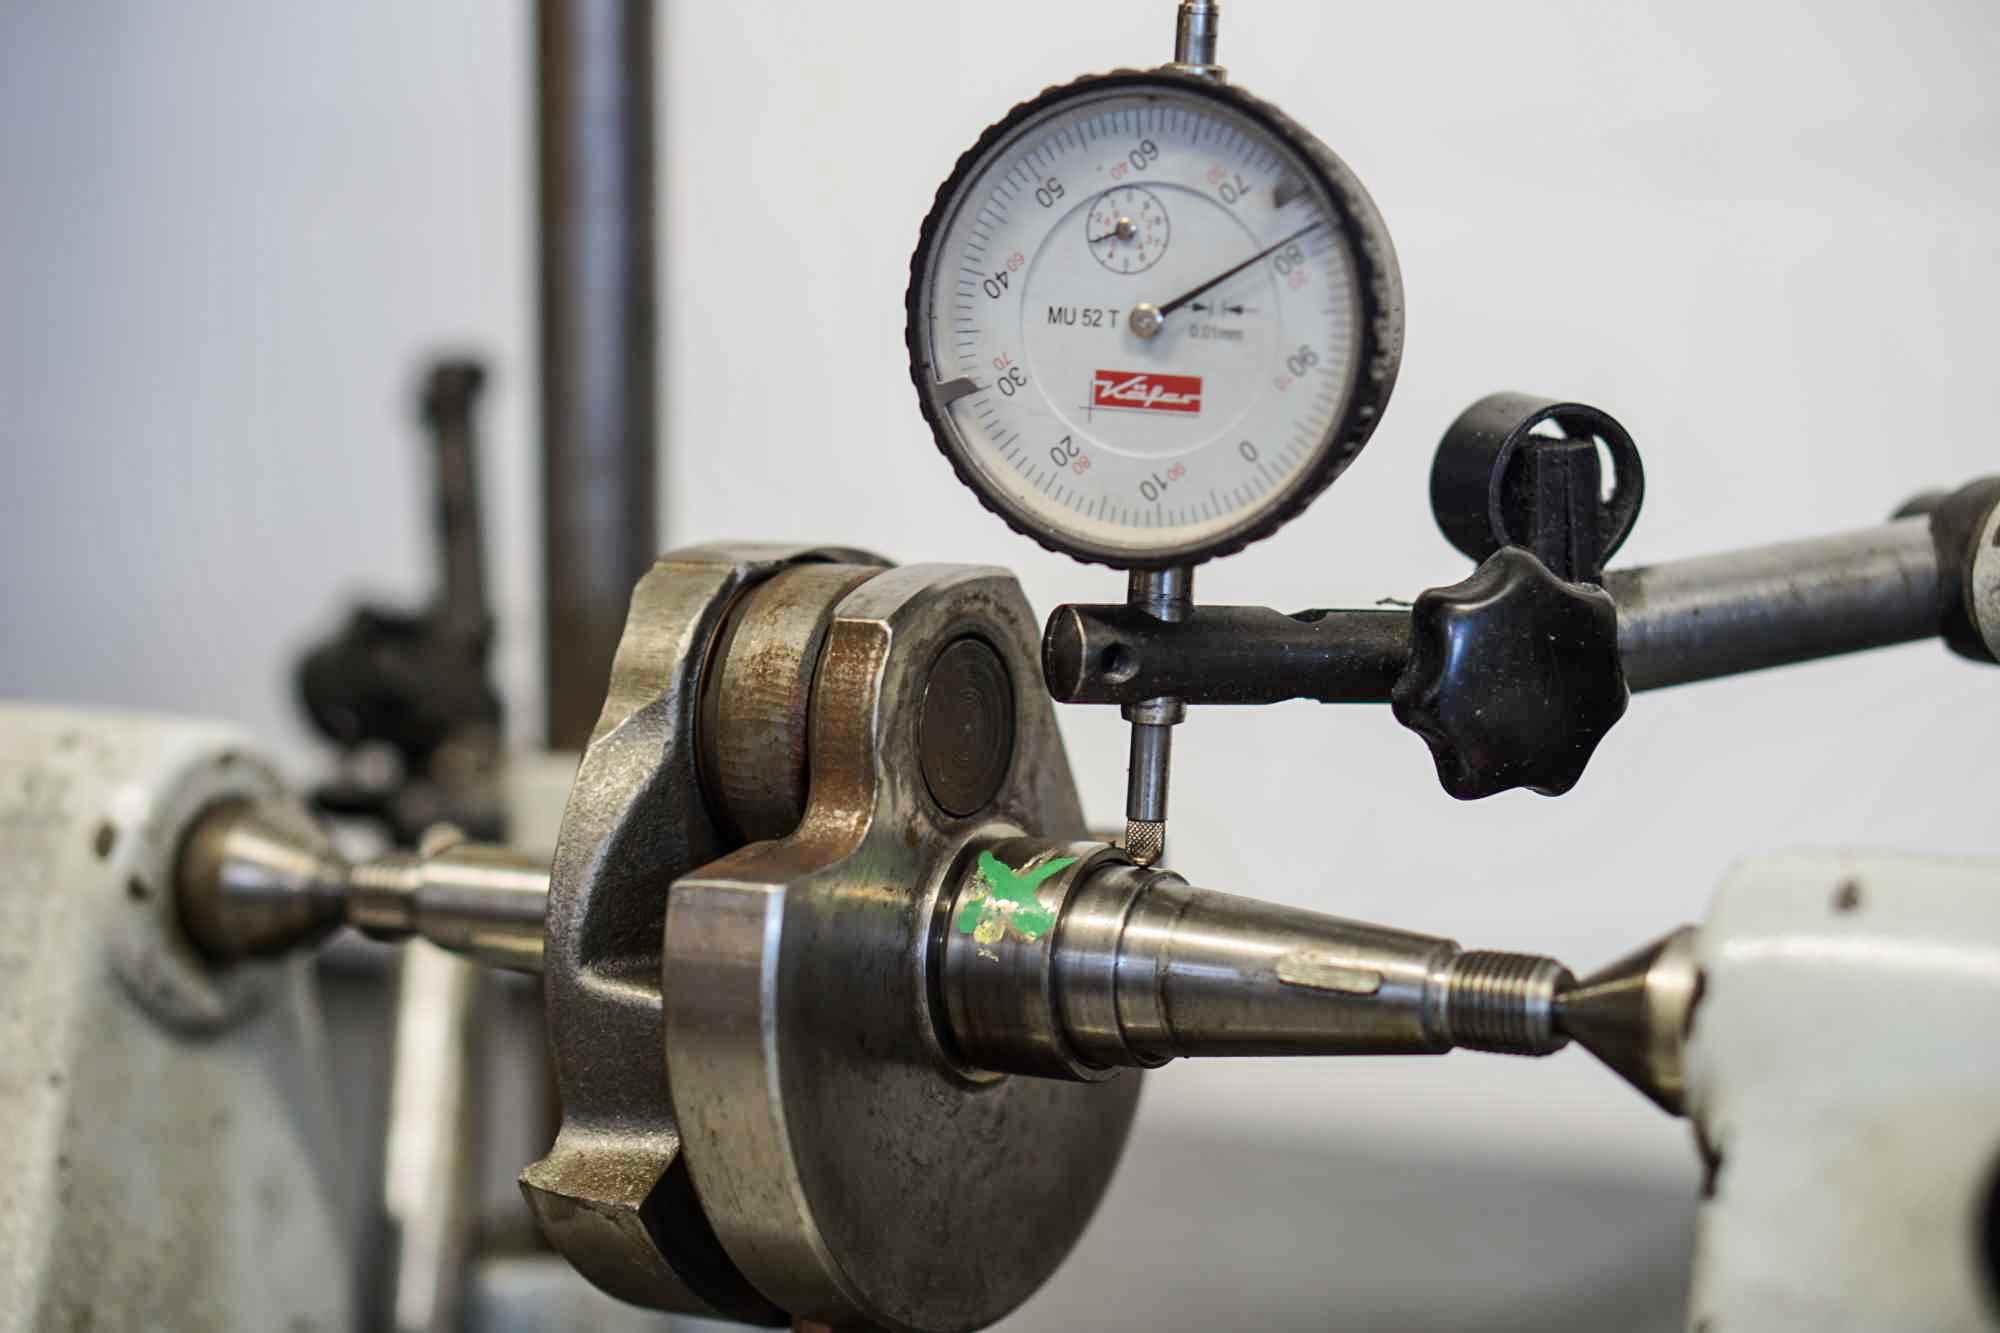 Rudlaufprüfung einer PX 200 Vespa Kurbelwelle mit Messuhr